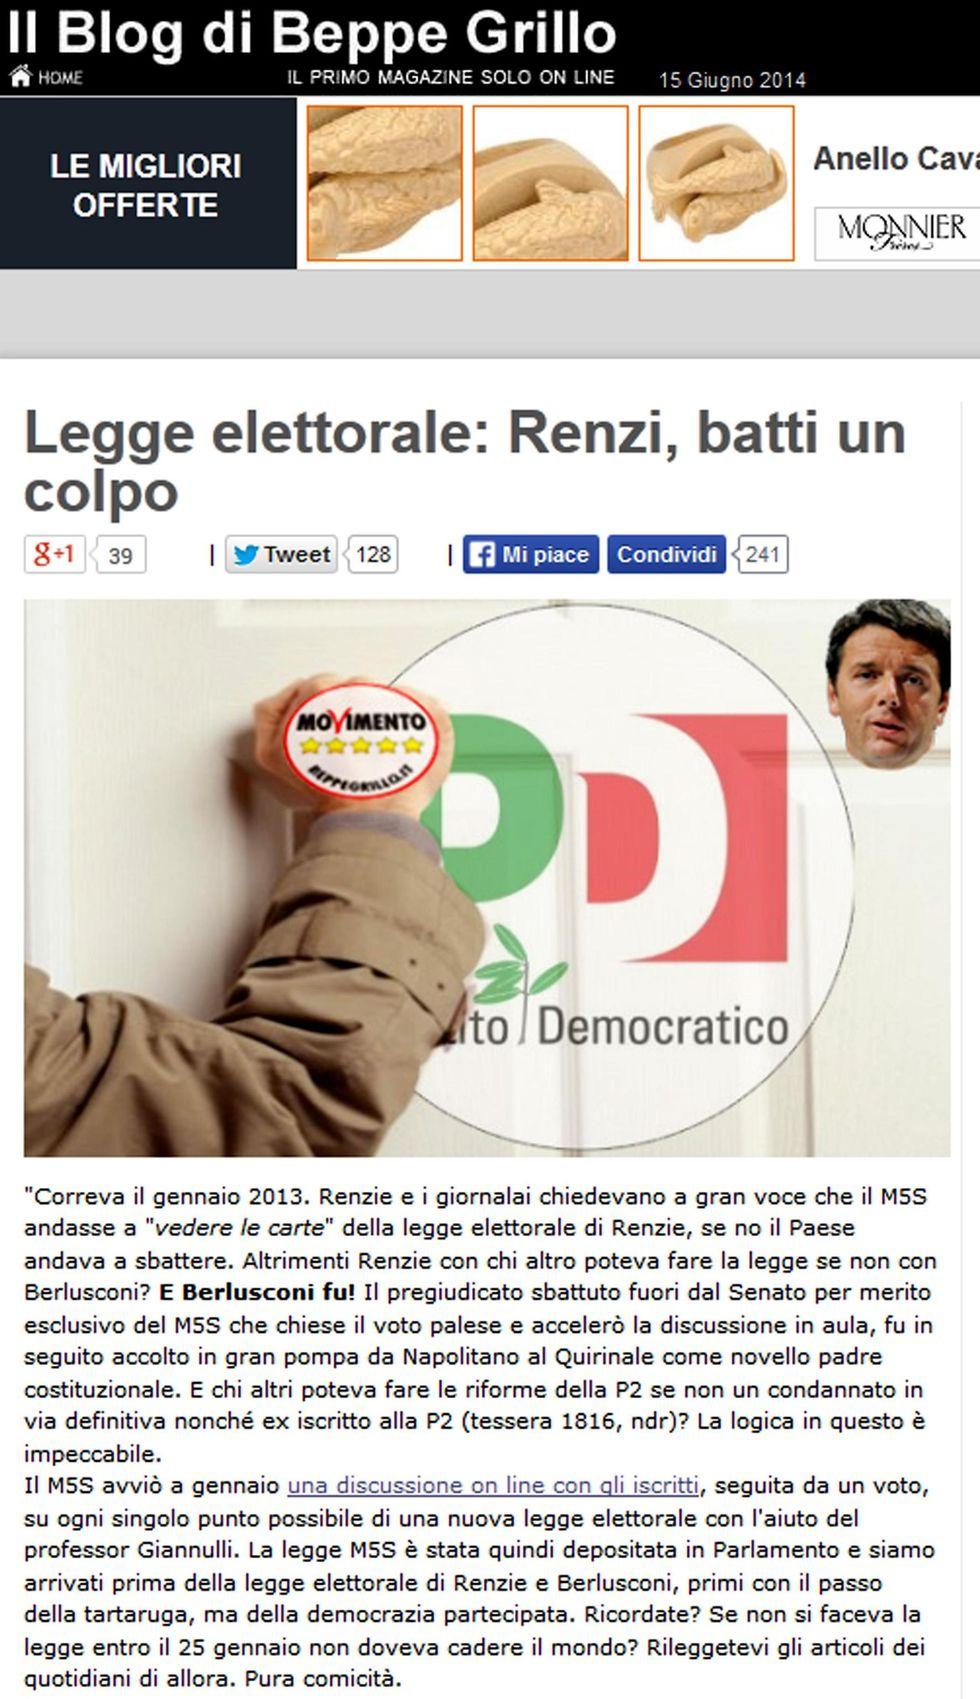 Grillo apre a Renzi e la base Pd prepara i pop-corn